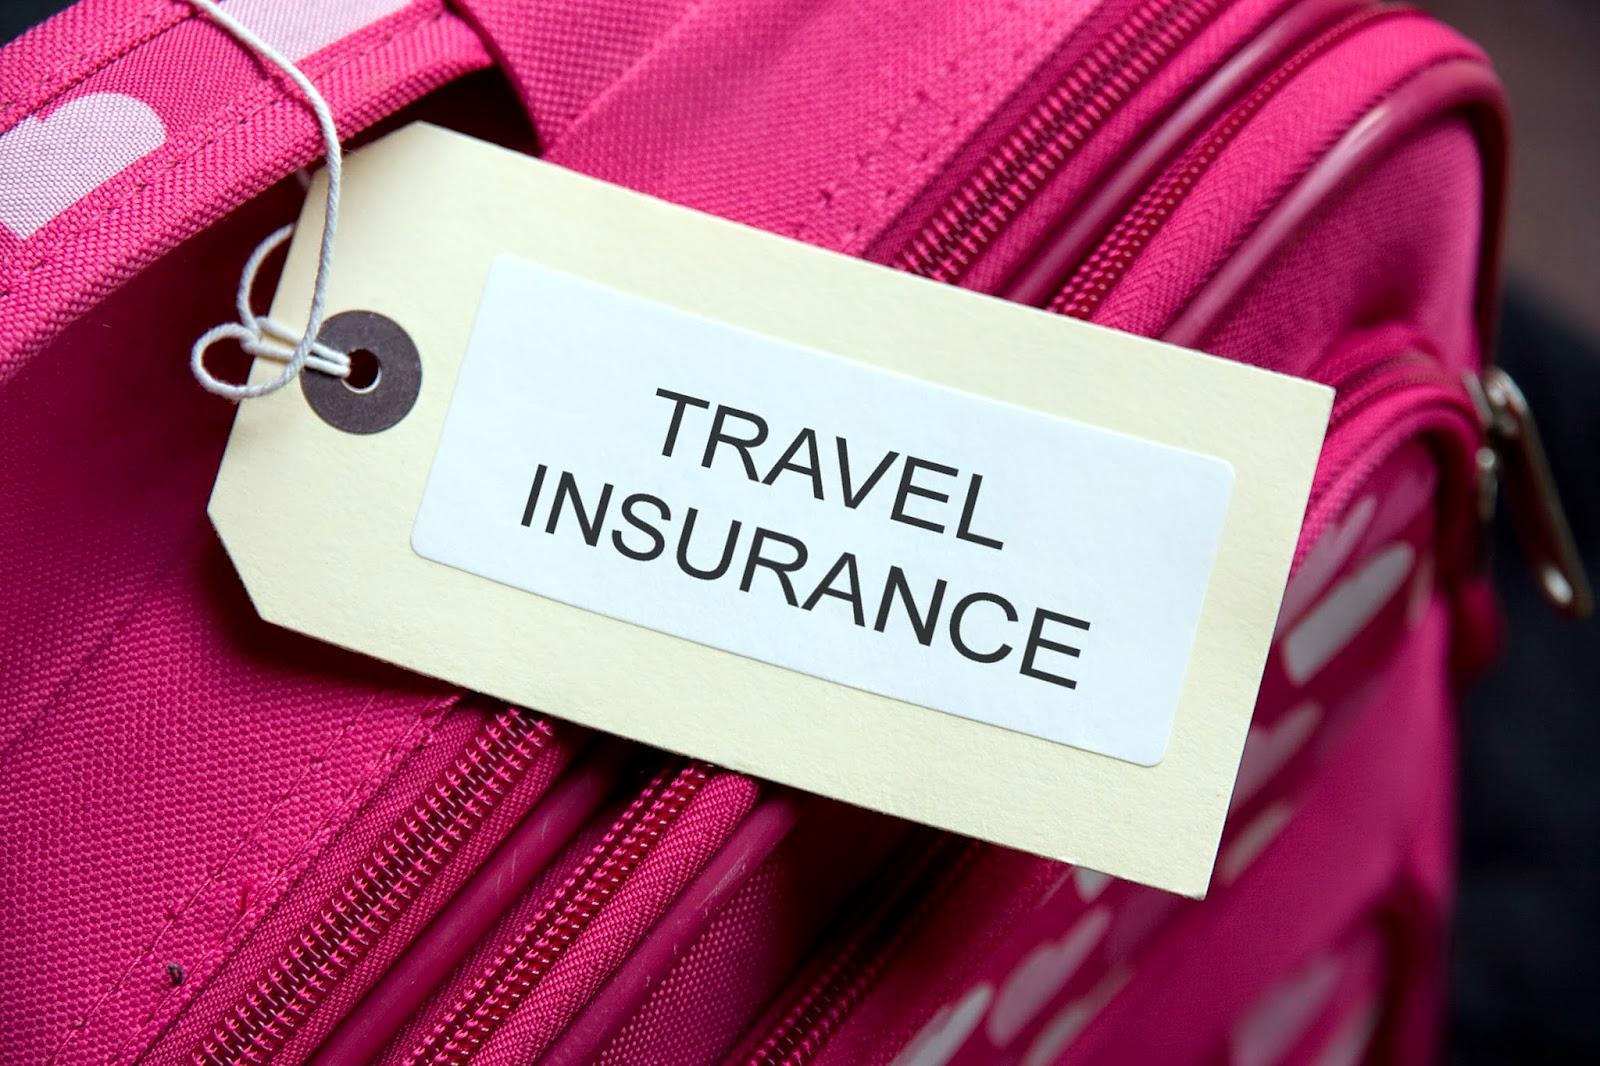 Manfaat Asuransi Travel Untuk Setiap Perjalanan Wisata